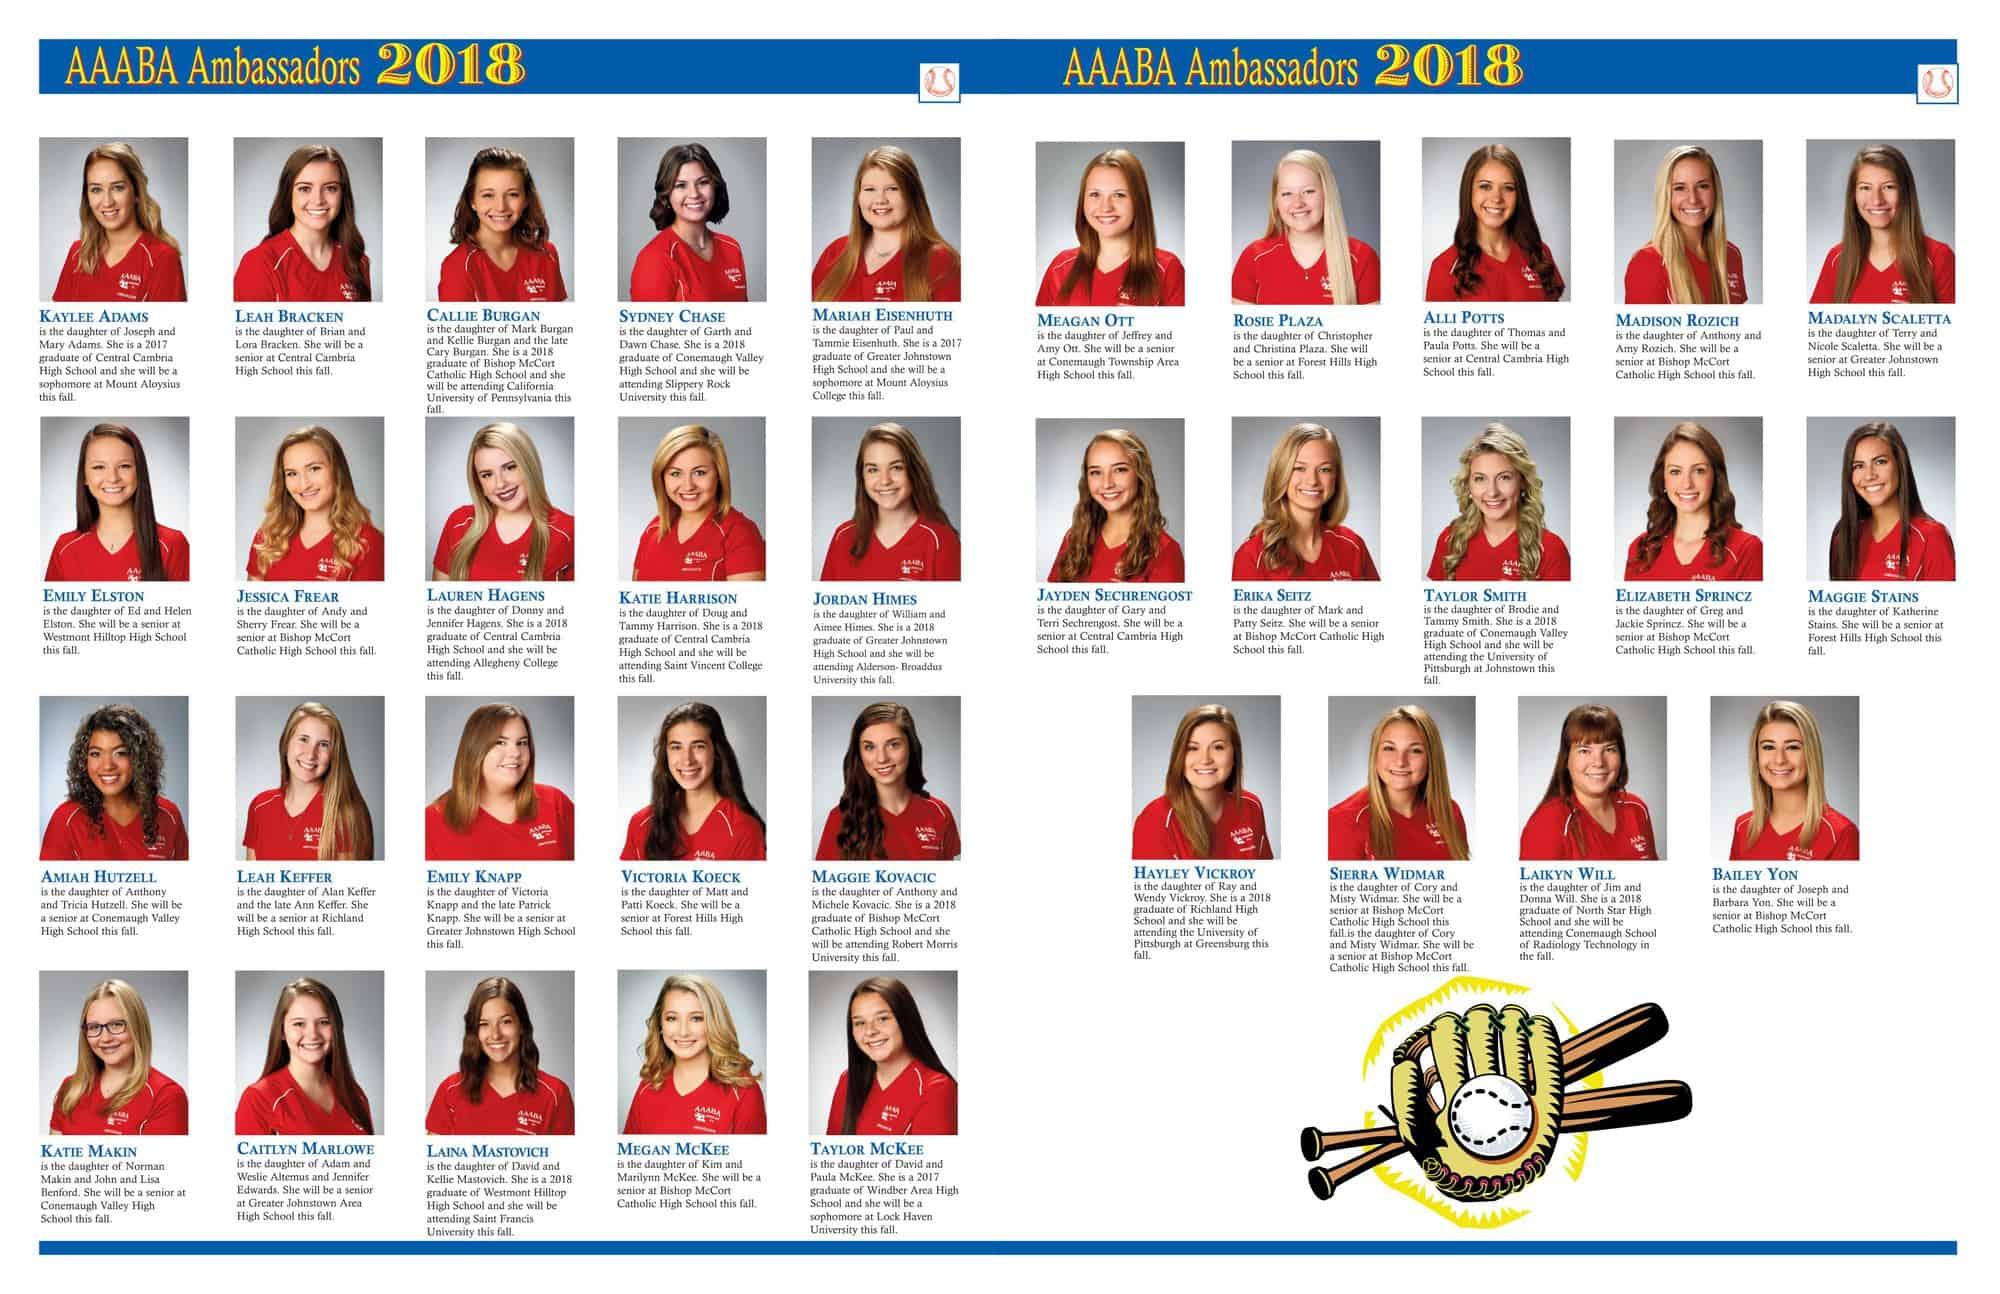 AAABA Ambassadors 2018